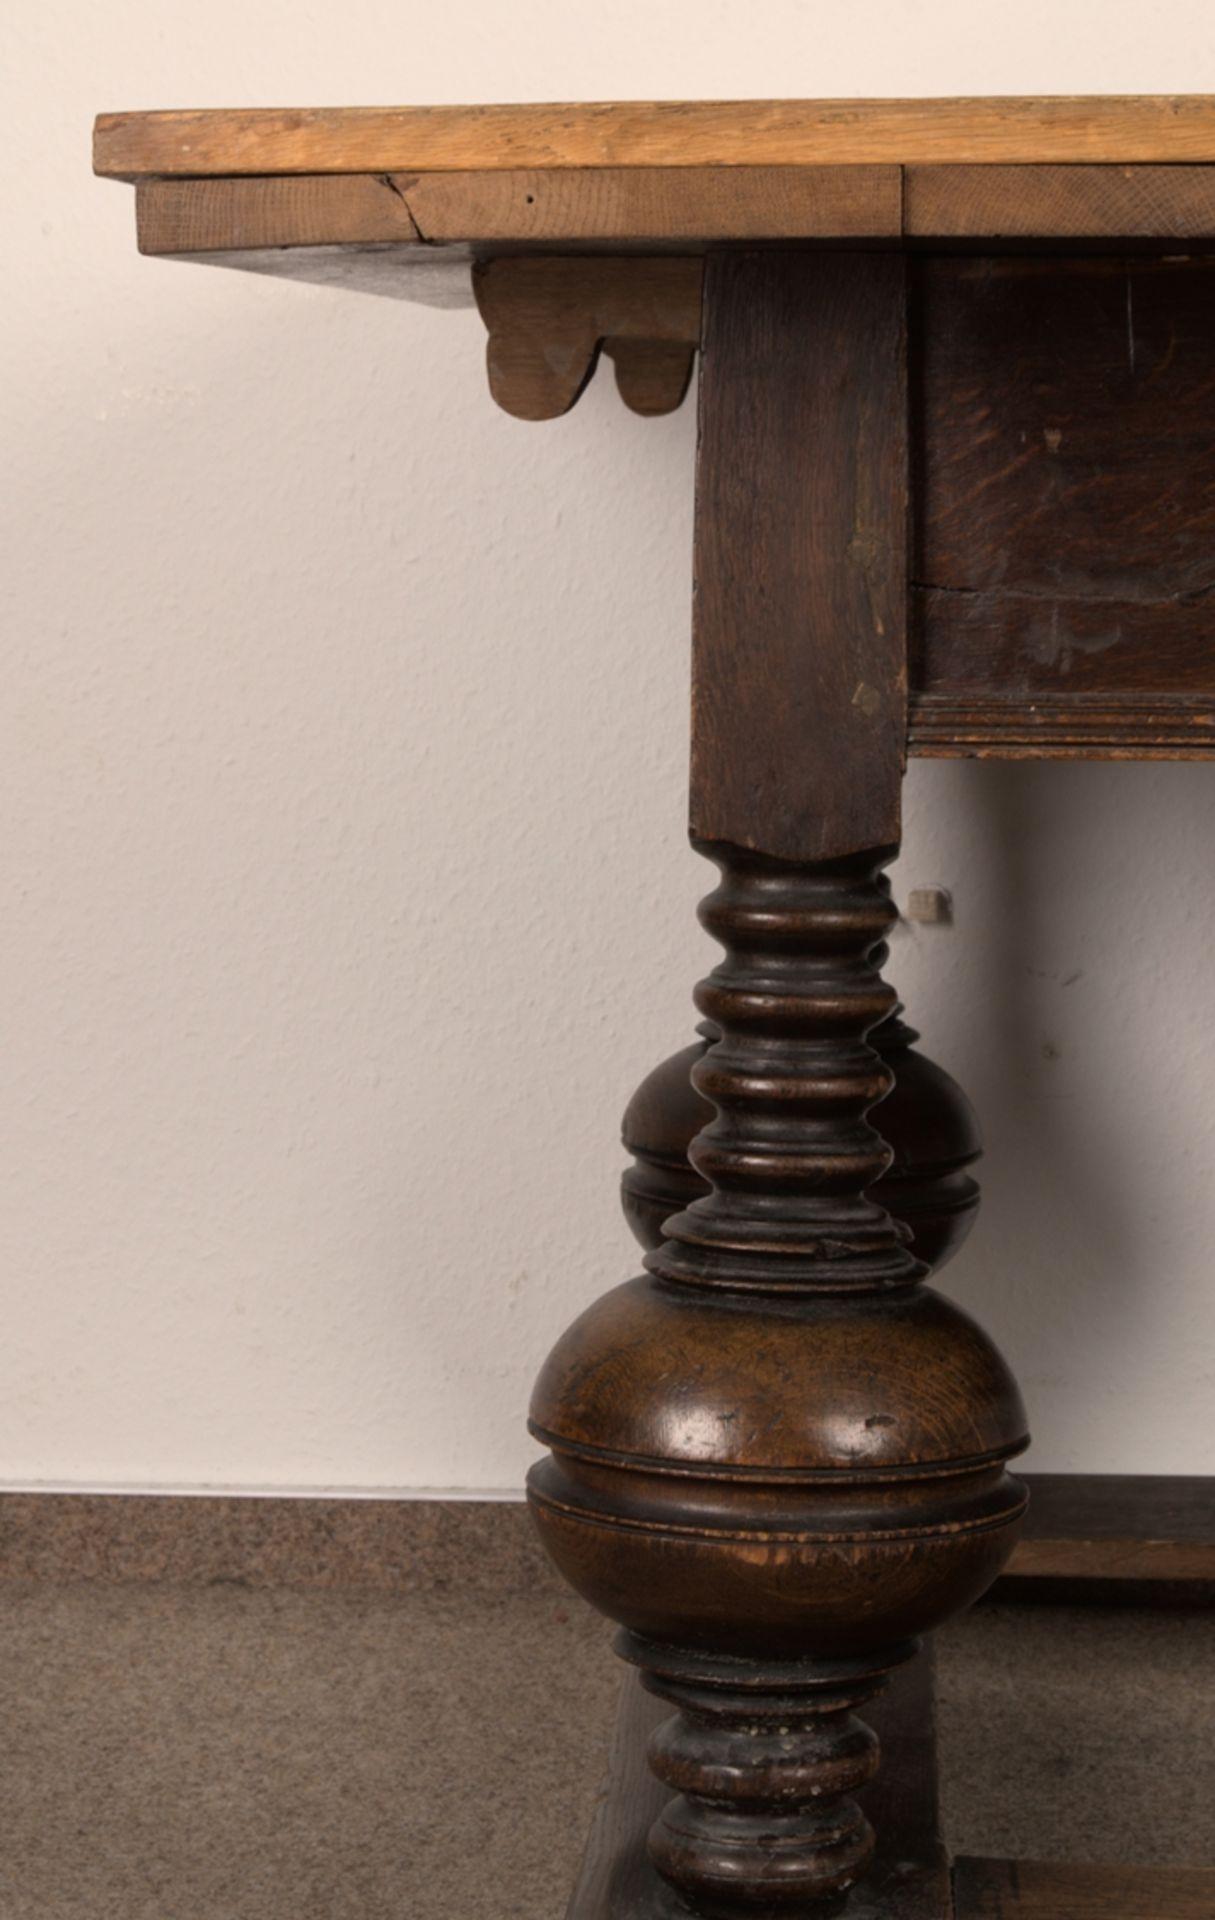 Großer Auszugstisch, Franken um 1730/50. Querverstrebter Tischunterbau mit kräftigen Balusterbeinen, - Bild 25 aus 36